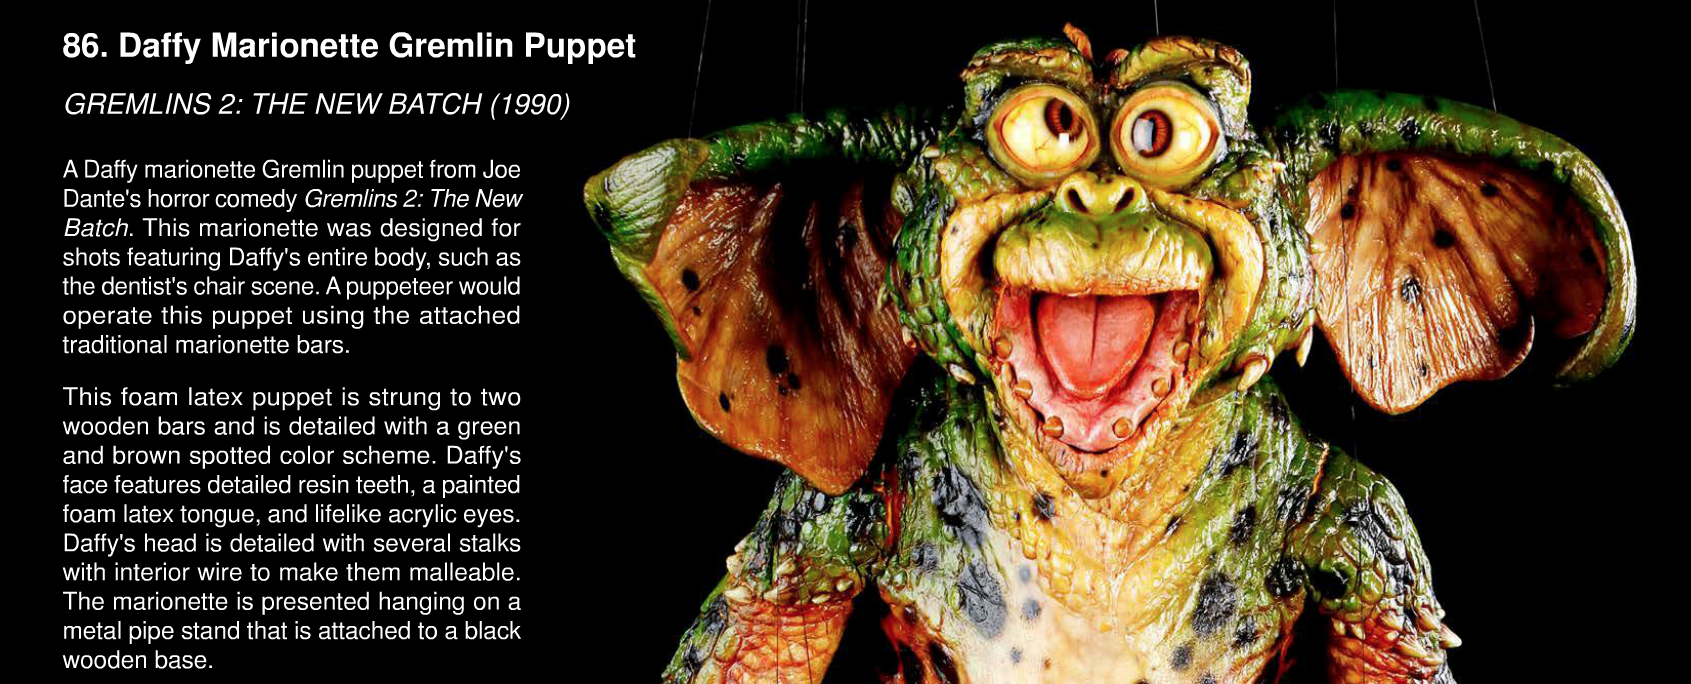 Rick Baker Daffy Gremlin Puppet